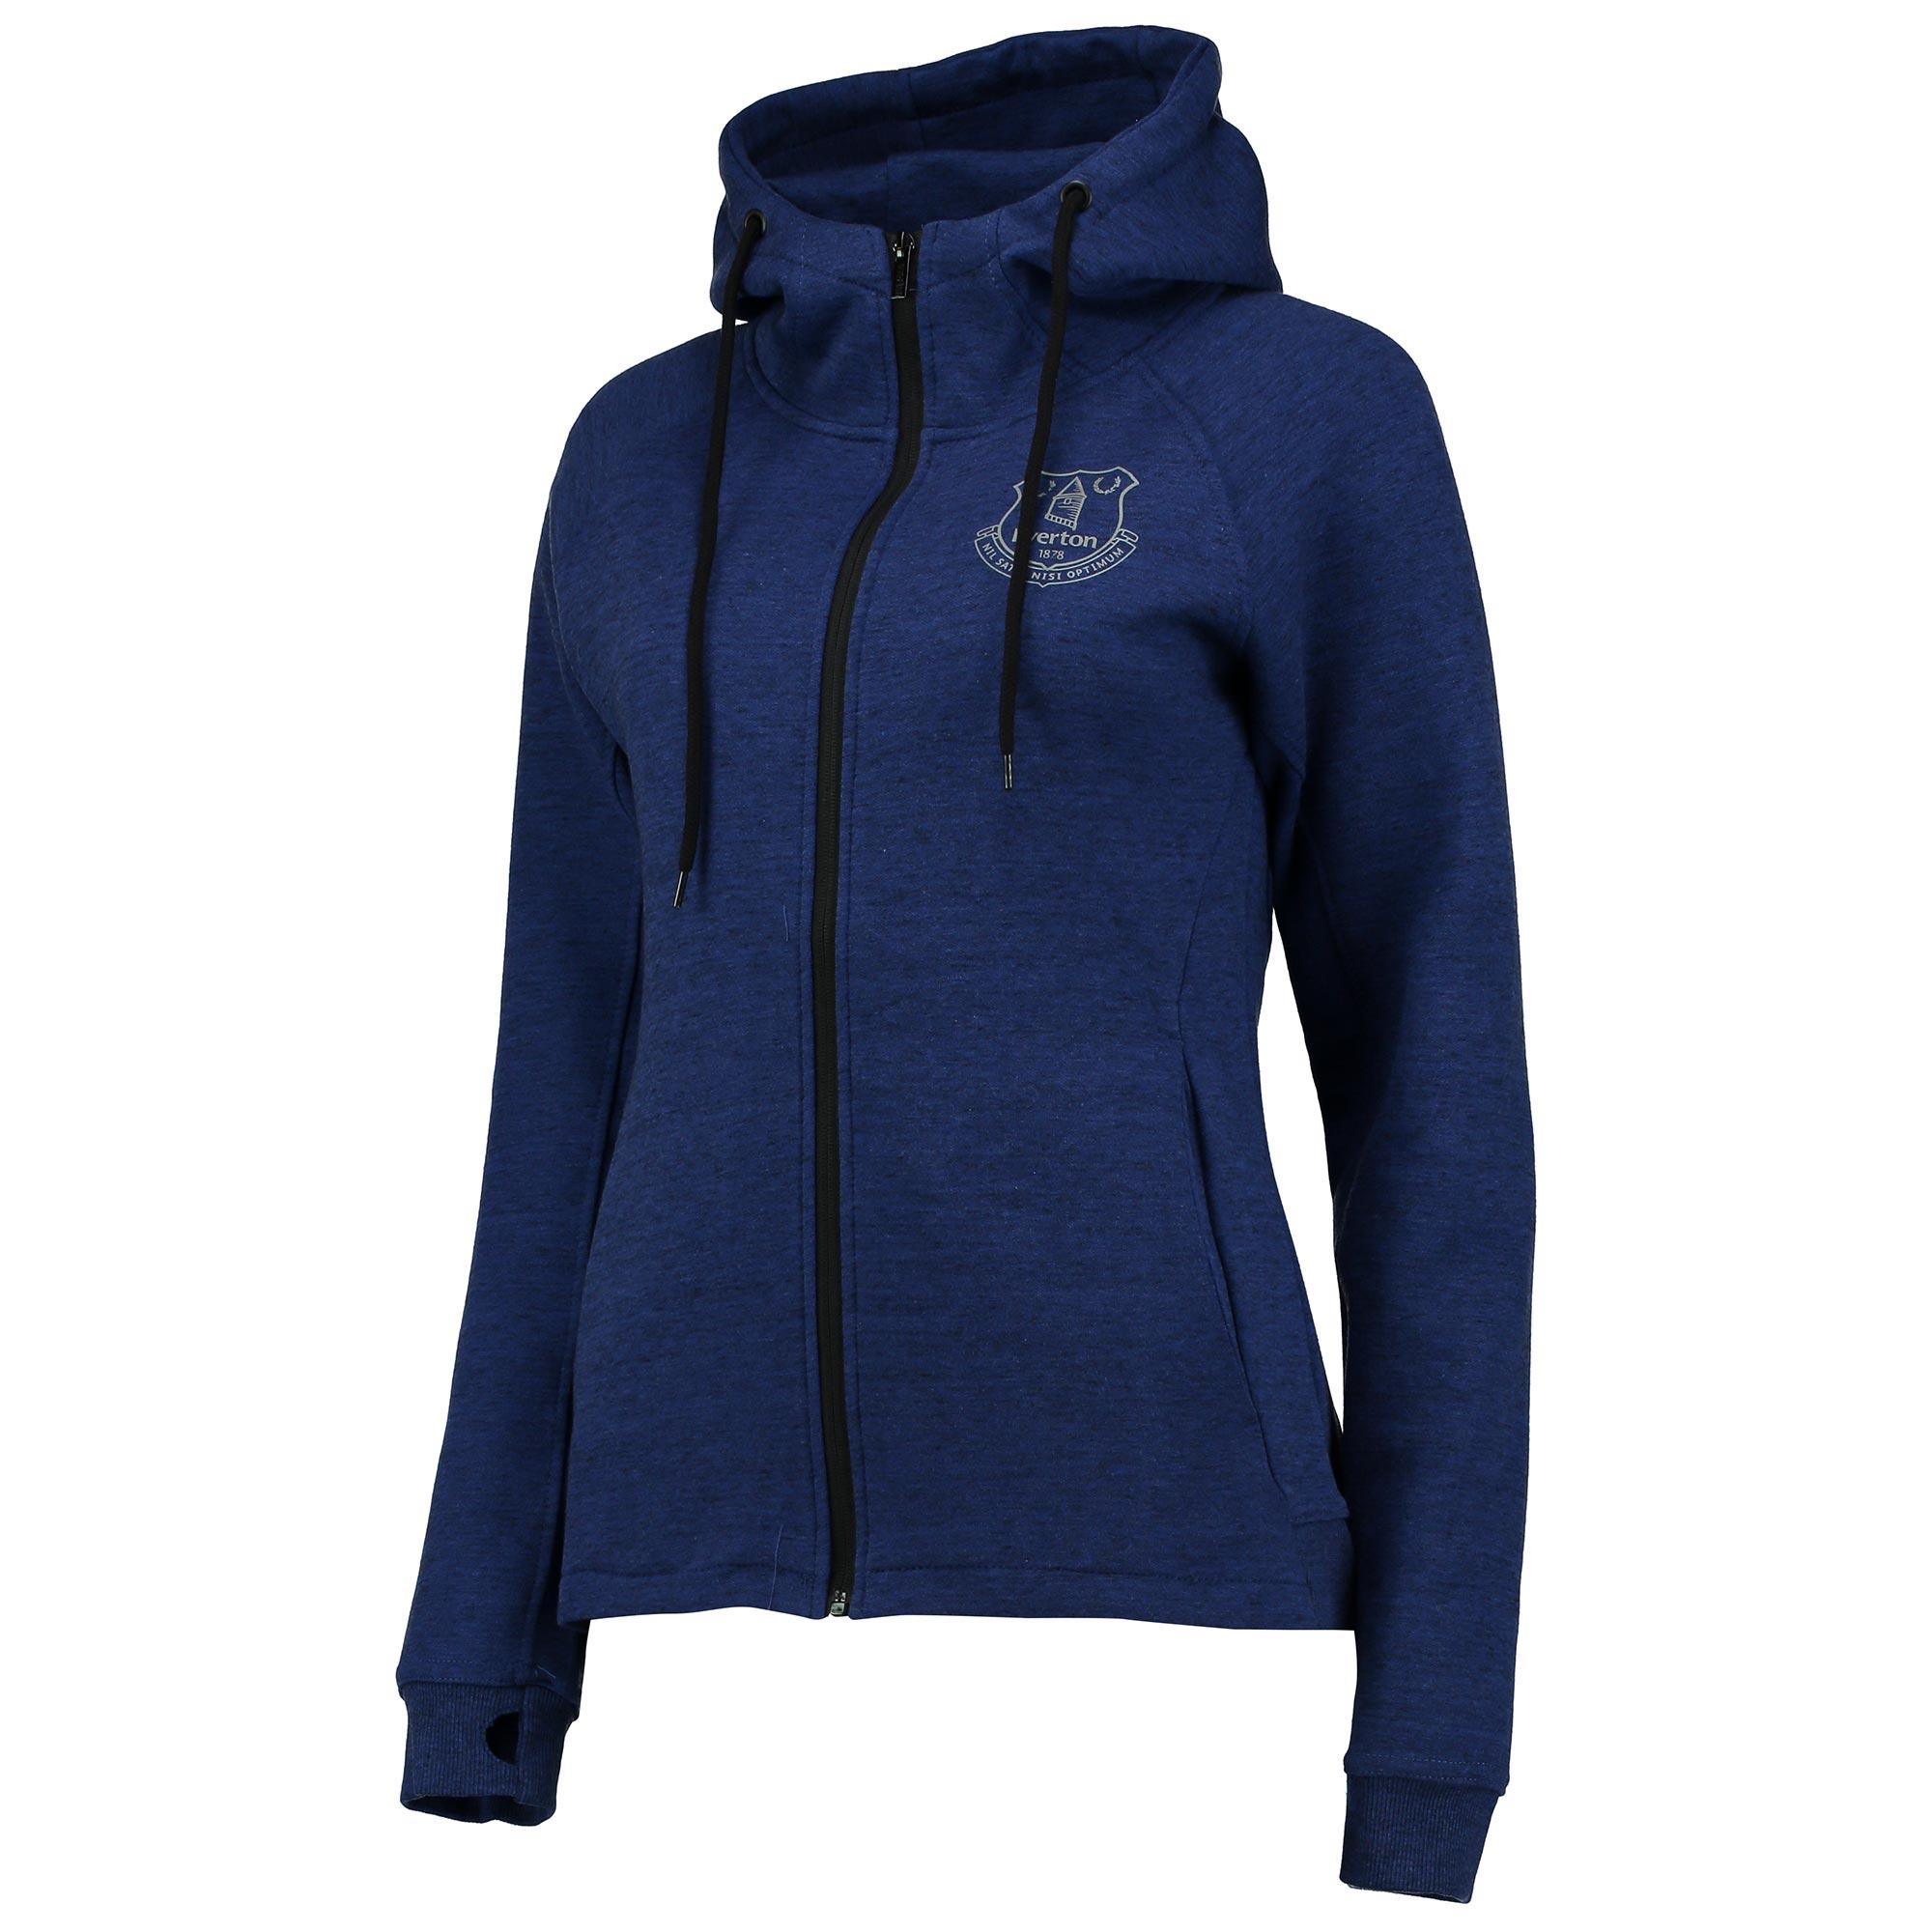 Everton Sport Full Zip Hoodie - Blue/Black Marl - Womens